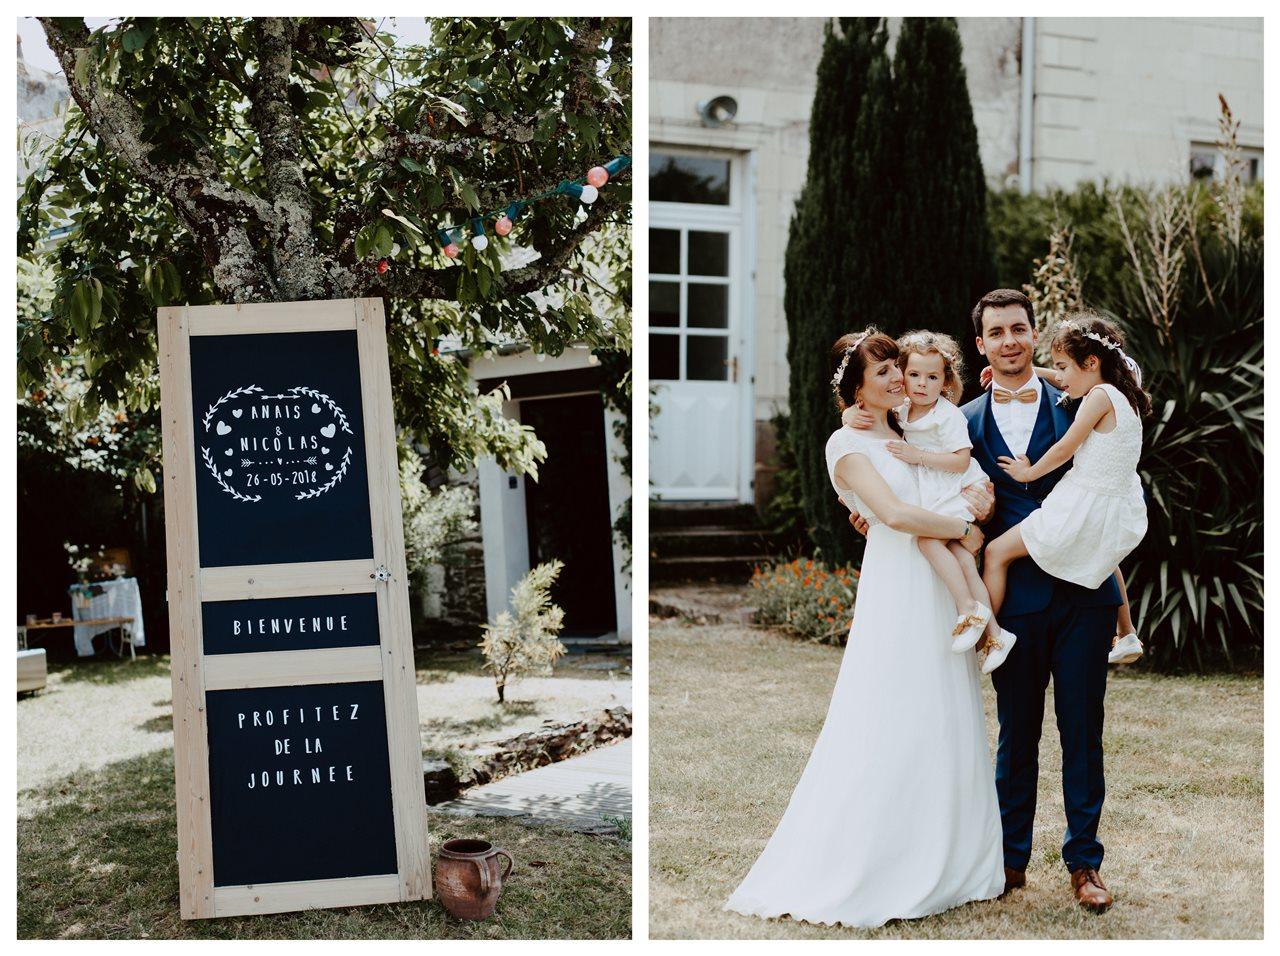 Mariage bohème guermiton panneau bienvenue portrait famille